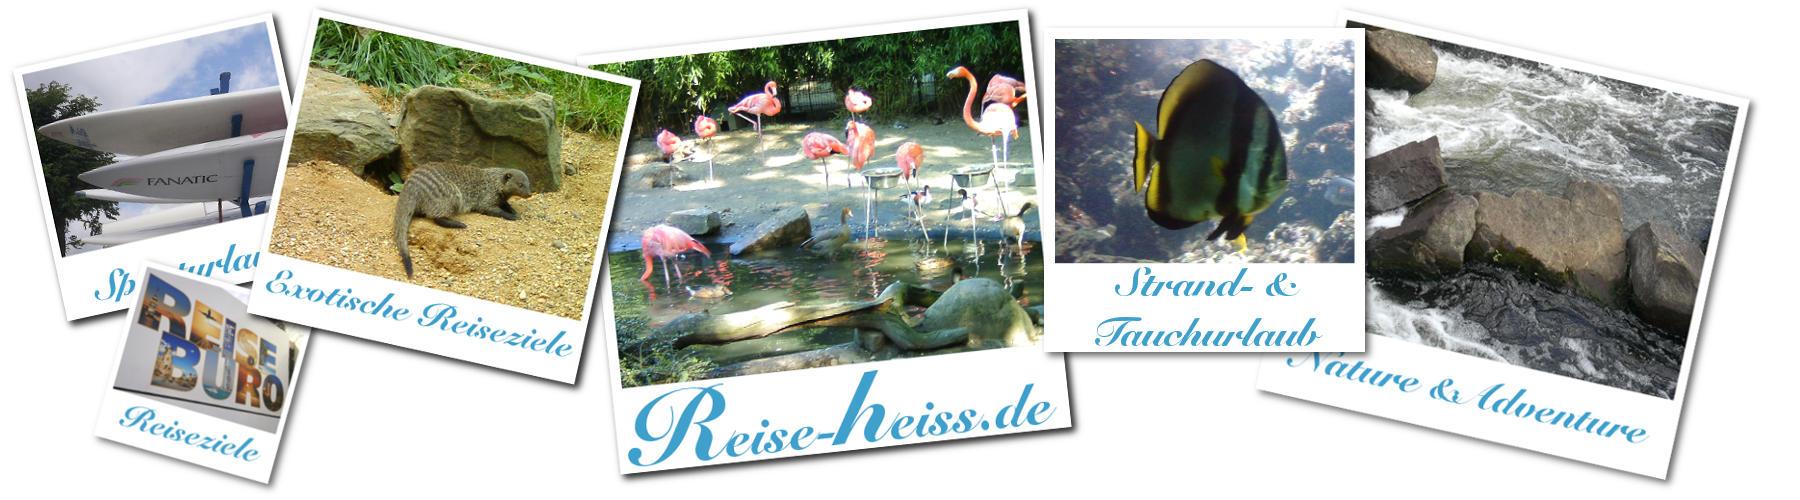 Urlaubsreif und heiß auf Reisen? www.reise-heiss.de